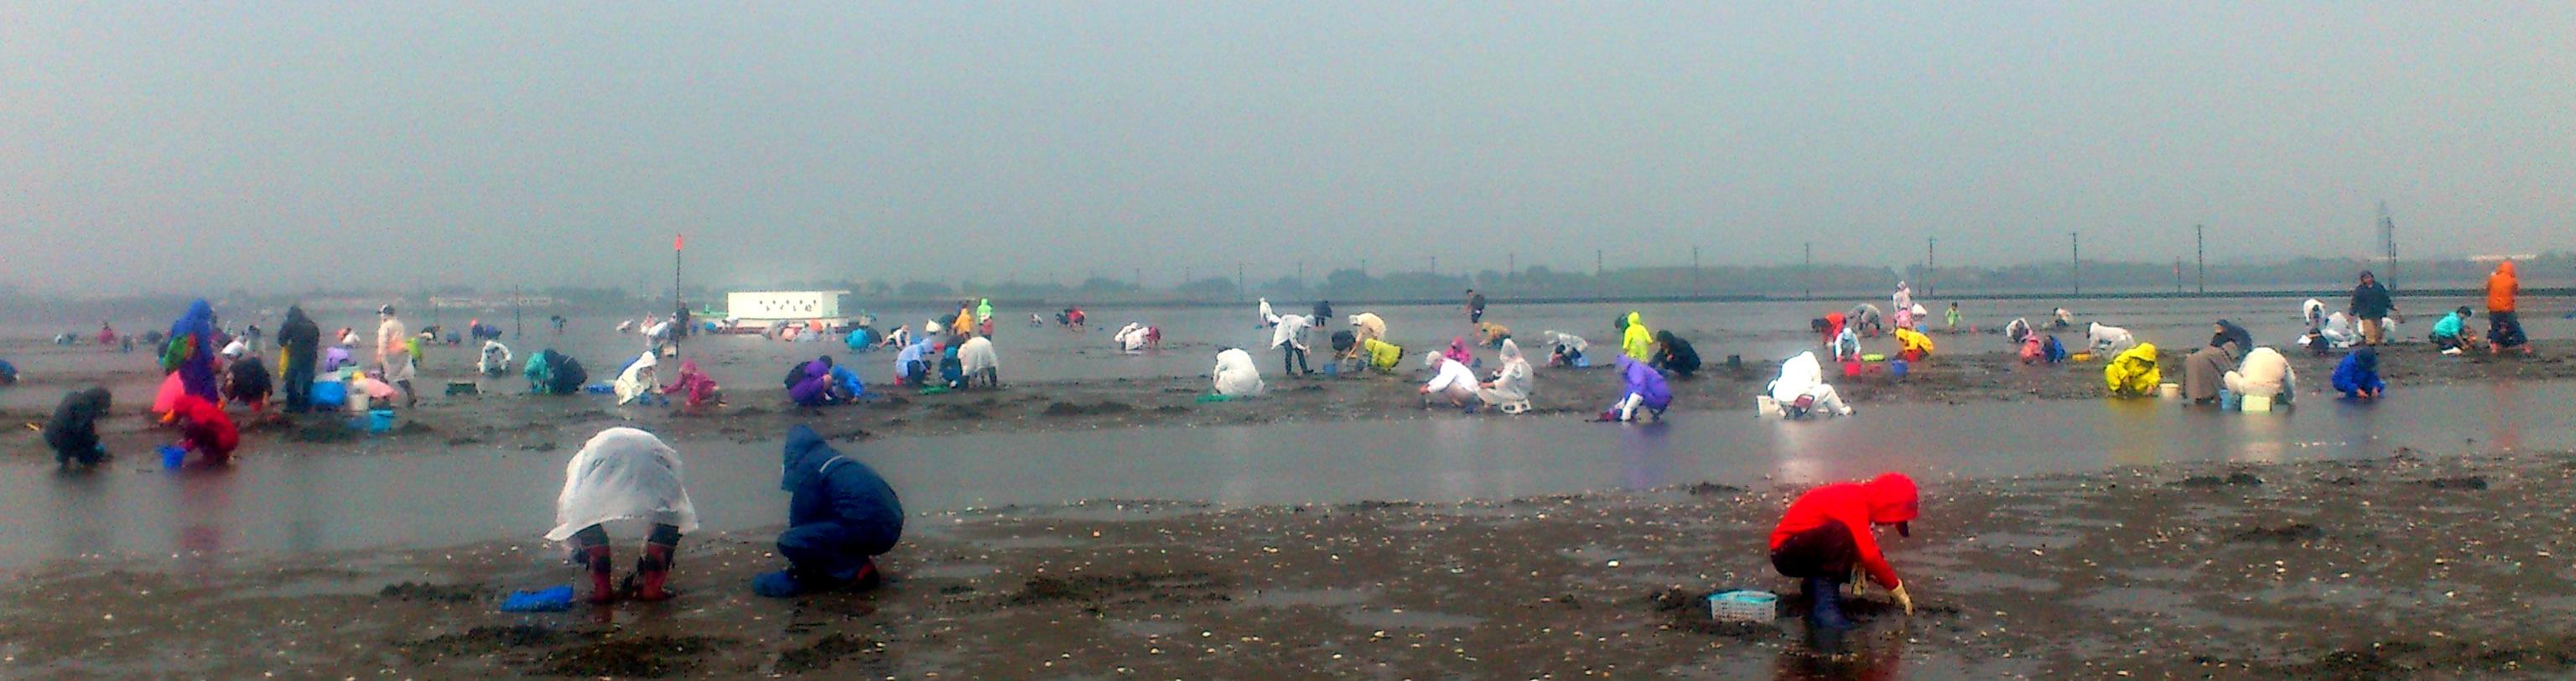 大雨の中、第15回団結潮干狩り大会 江川海岸(5・13)